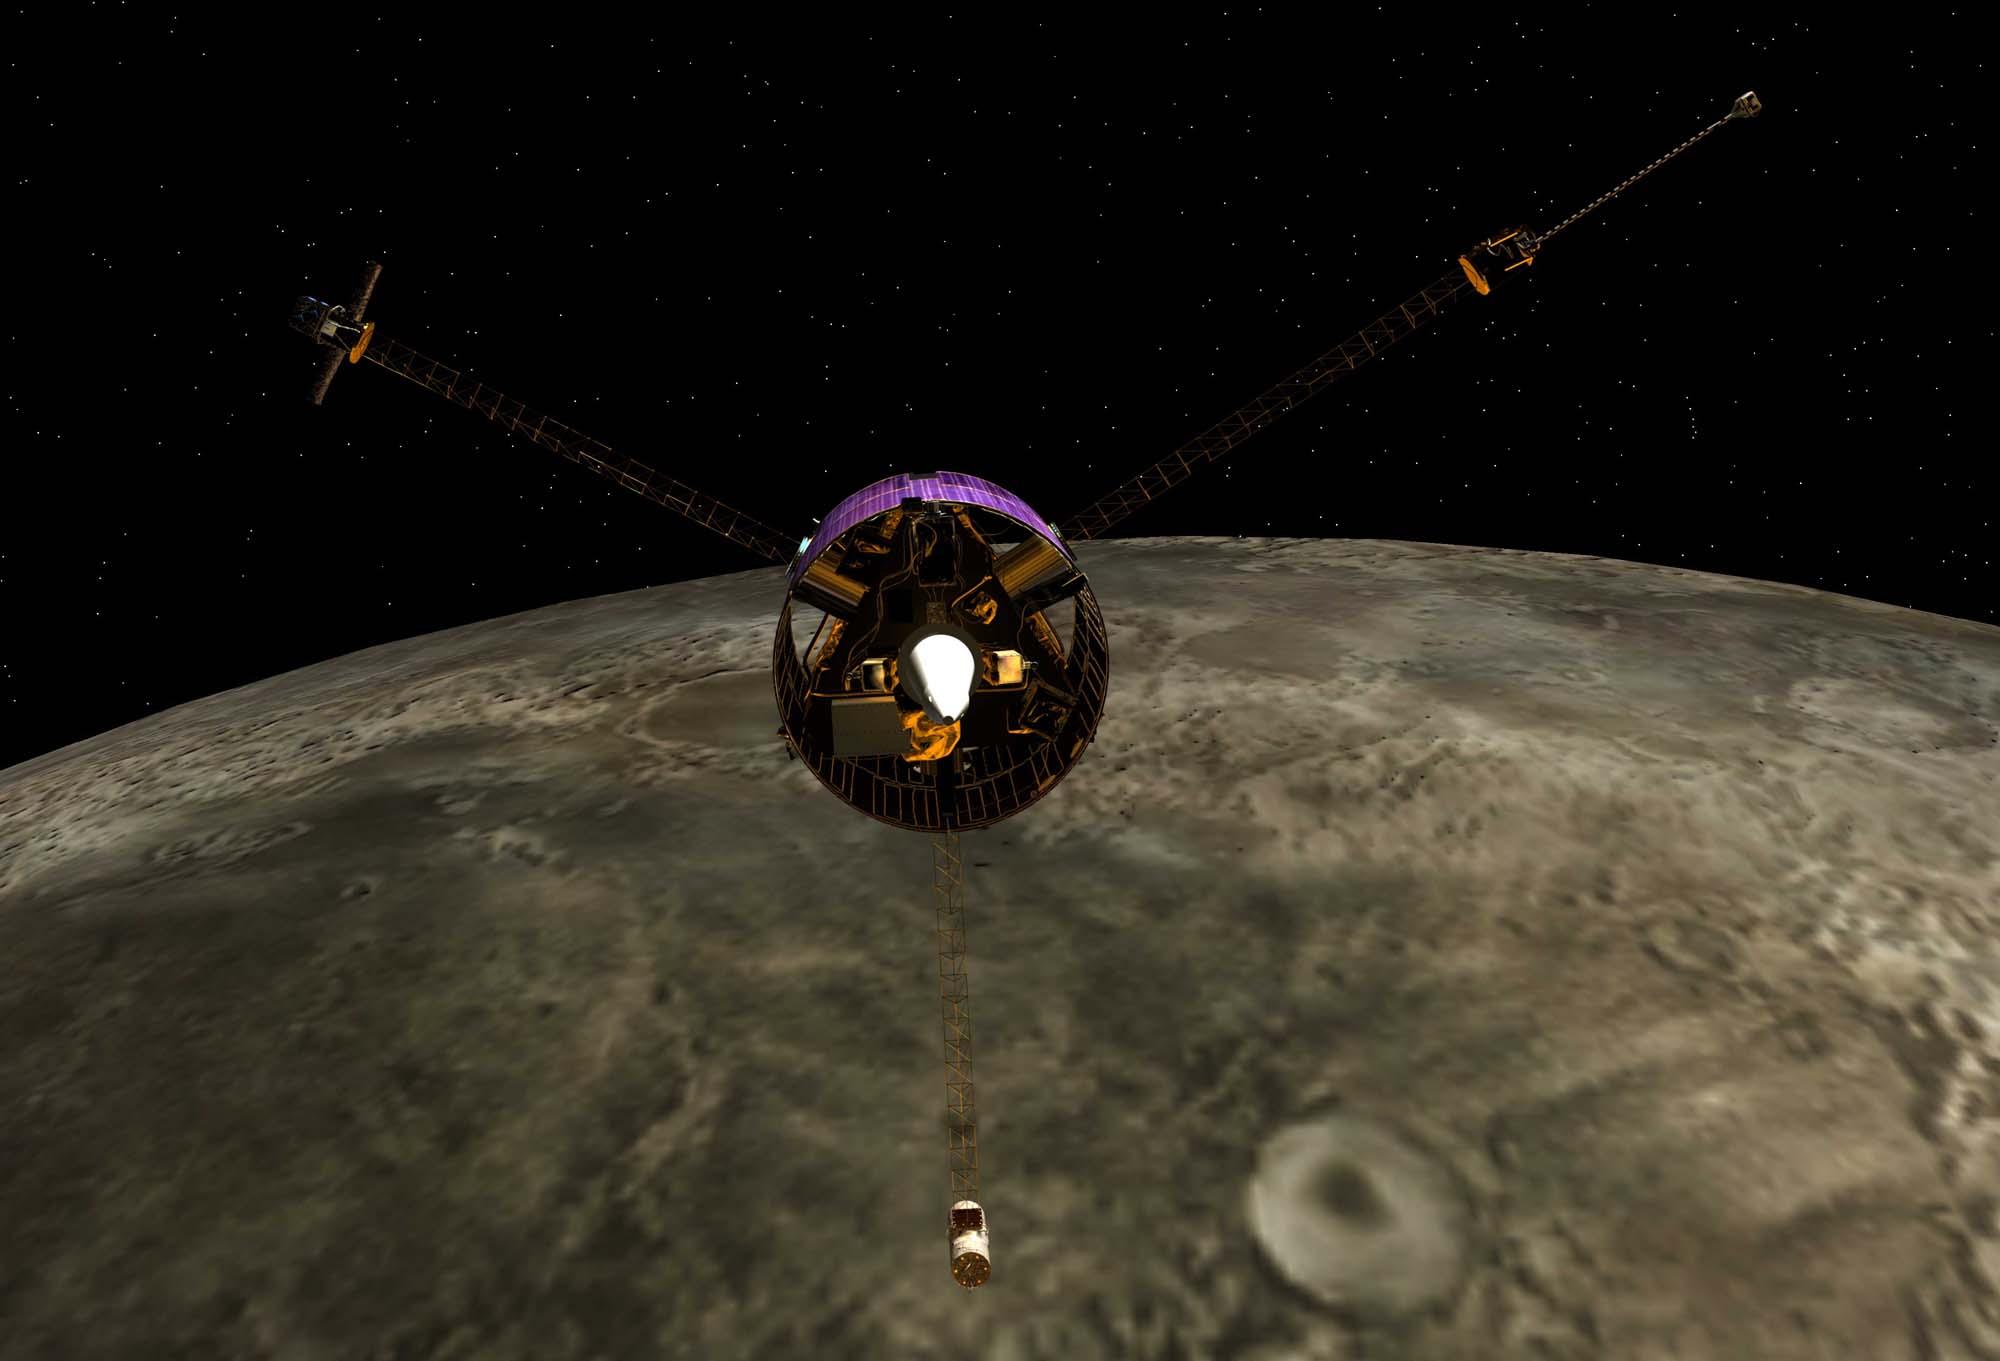 lunar prospector spacecraft - photo #25